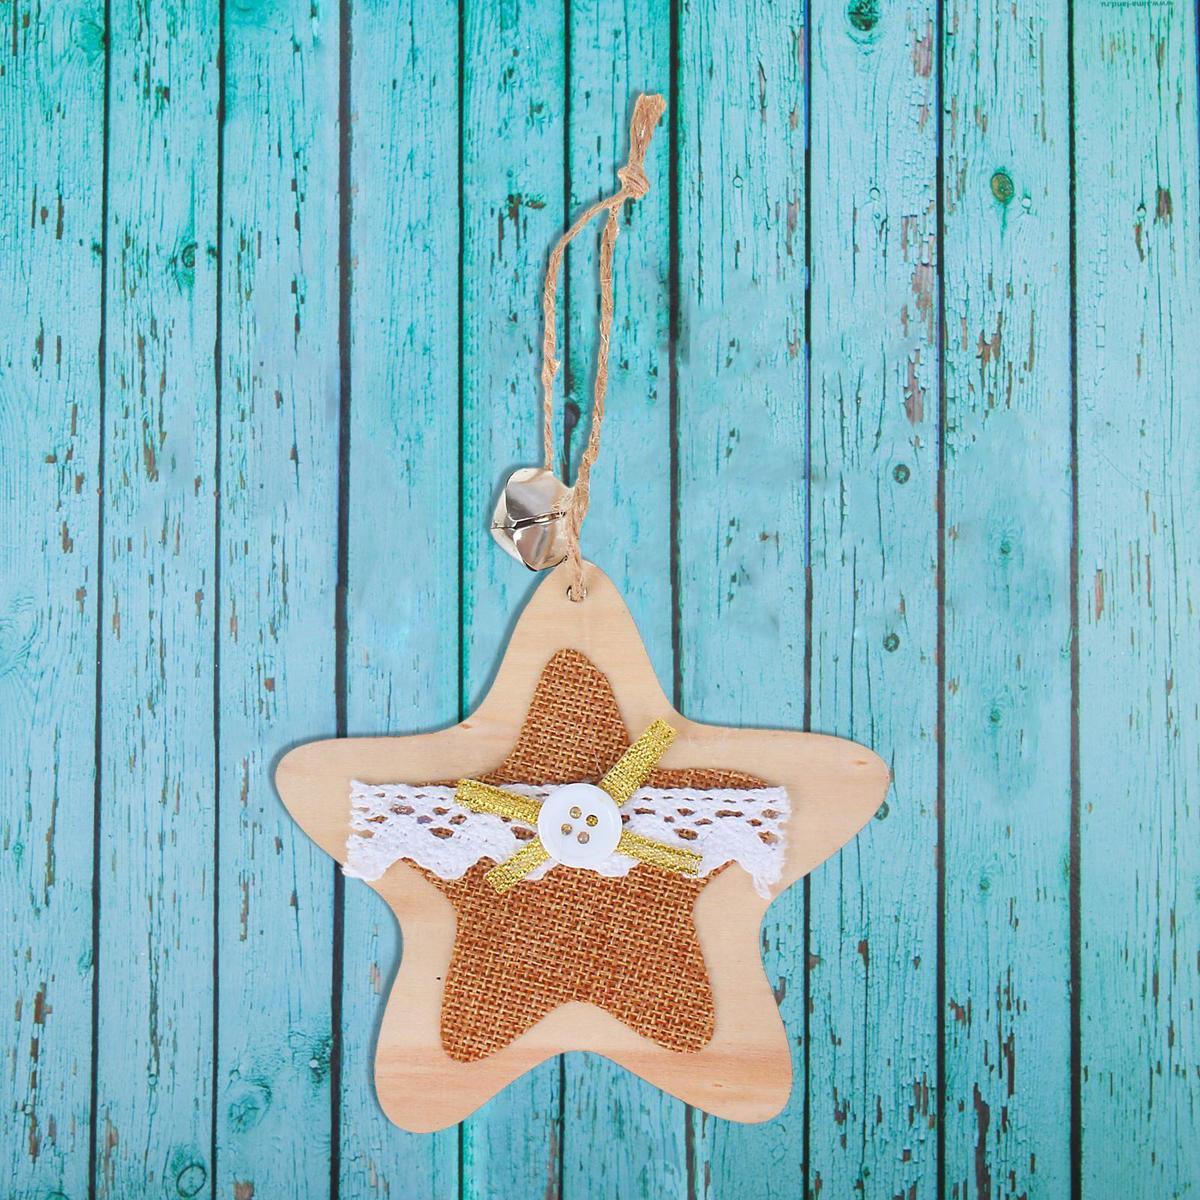 Новогоднее подвесное украшение Sima-land Звезда, с колокольчиком, 10,5 х 10 см1392746Новогоднее украшение Sima-land отлично подойдет для декорации вашего дома и новогодней ели.Елочная игрушка - символ Нового года. Она несет в себе волшебство и красоту праздника. Такое украшение создаст в вашем доме атмосферу праздника, веселья и радости.